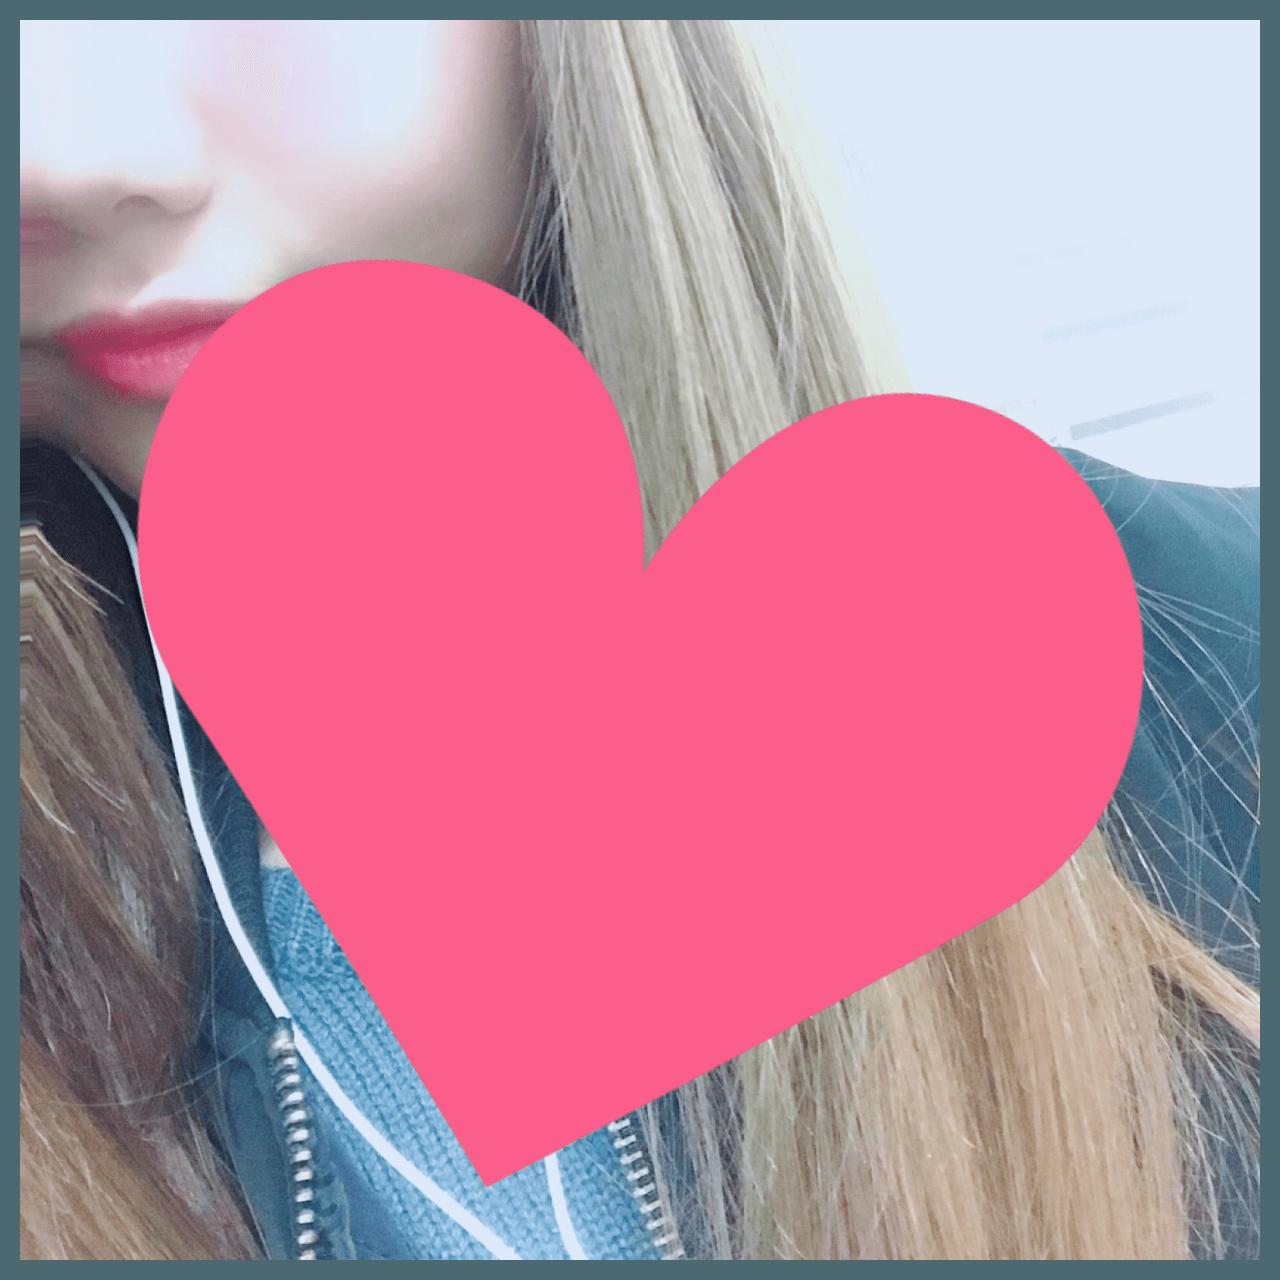 「こんばんわ」11/01(11/01) 20:25 | じゅんたんの写メ・風俗動画